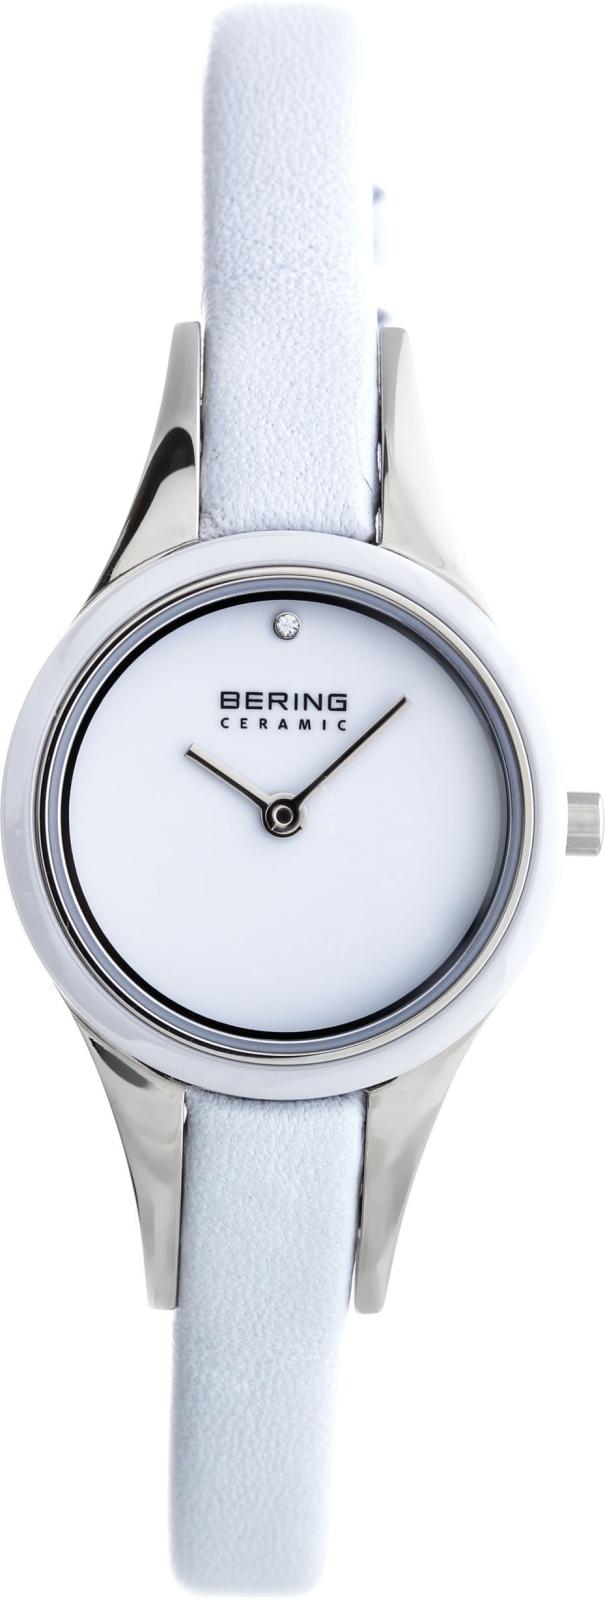 Bering Ceramic 33125-654 от Bering